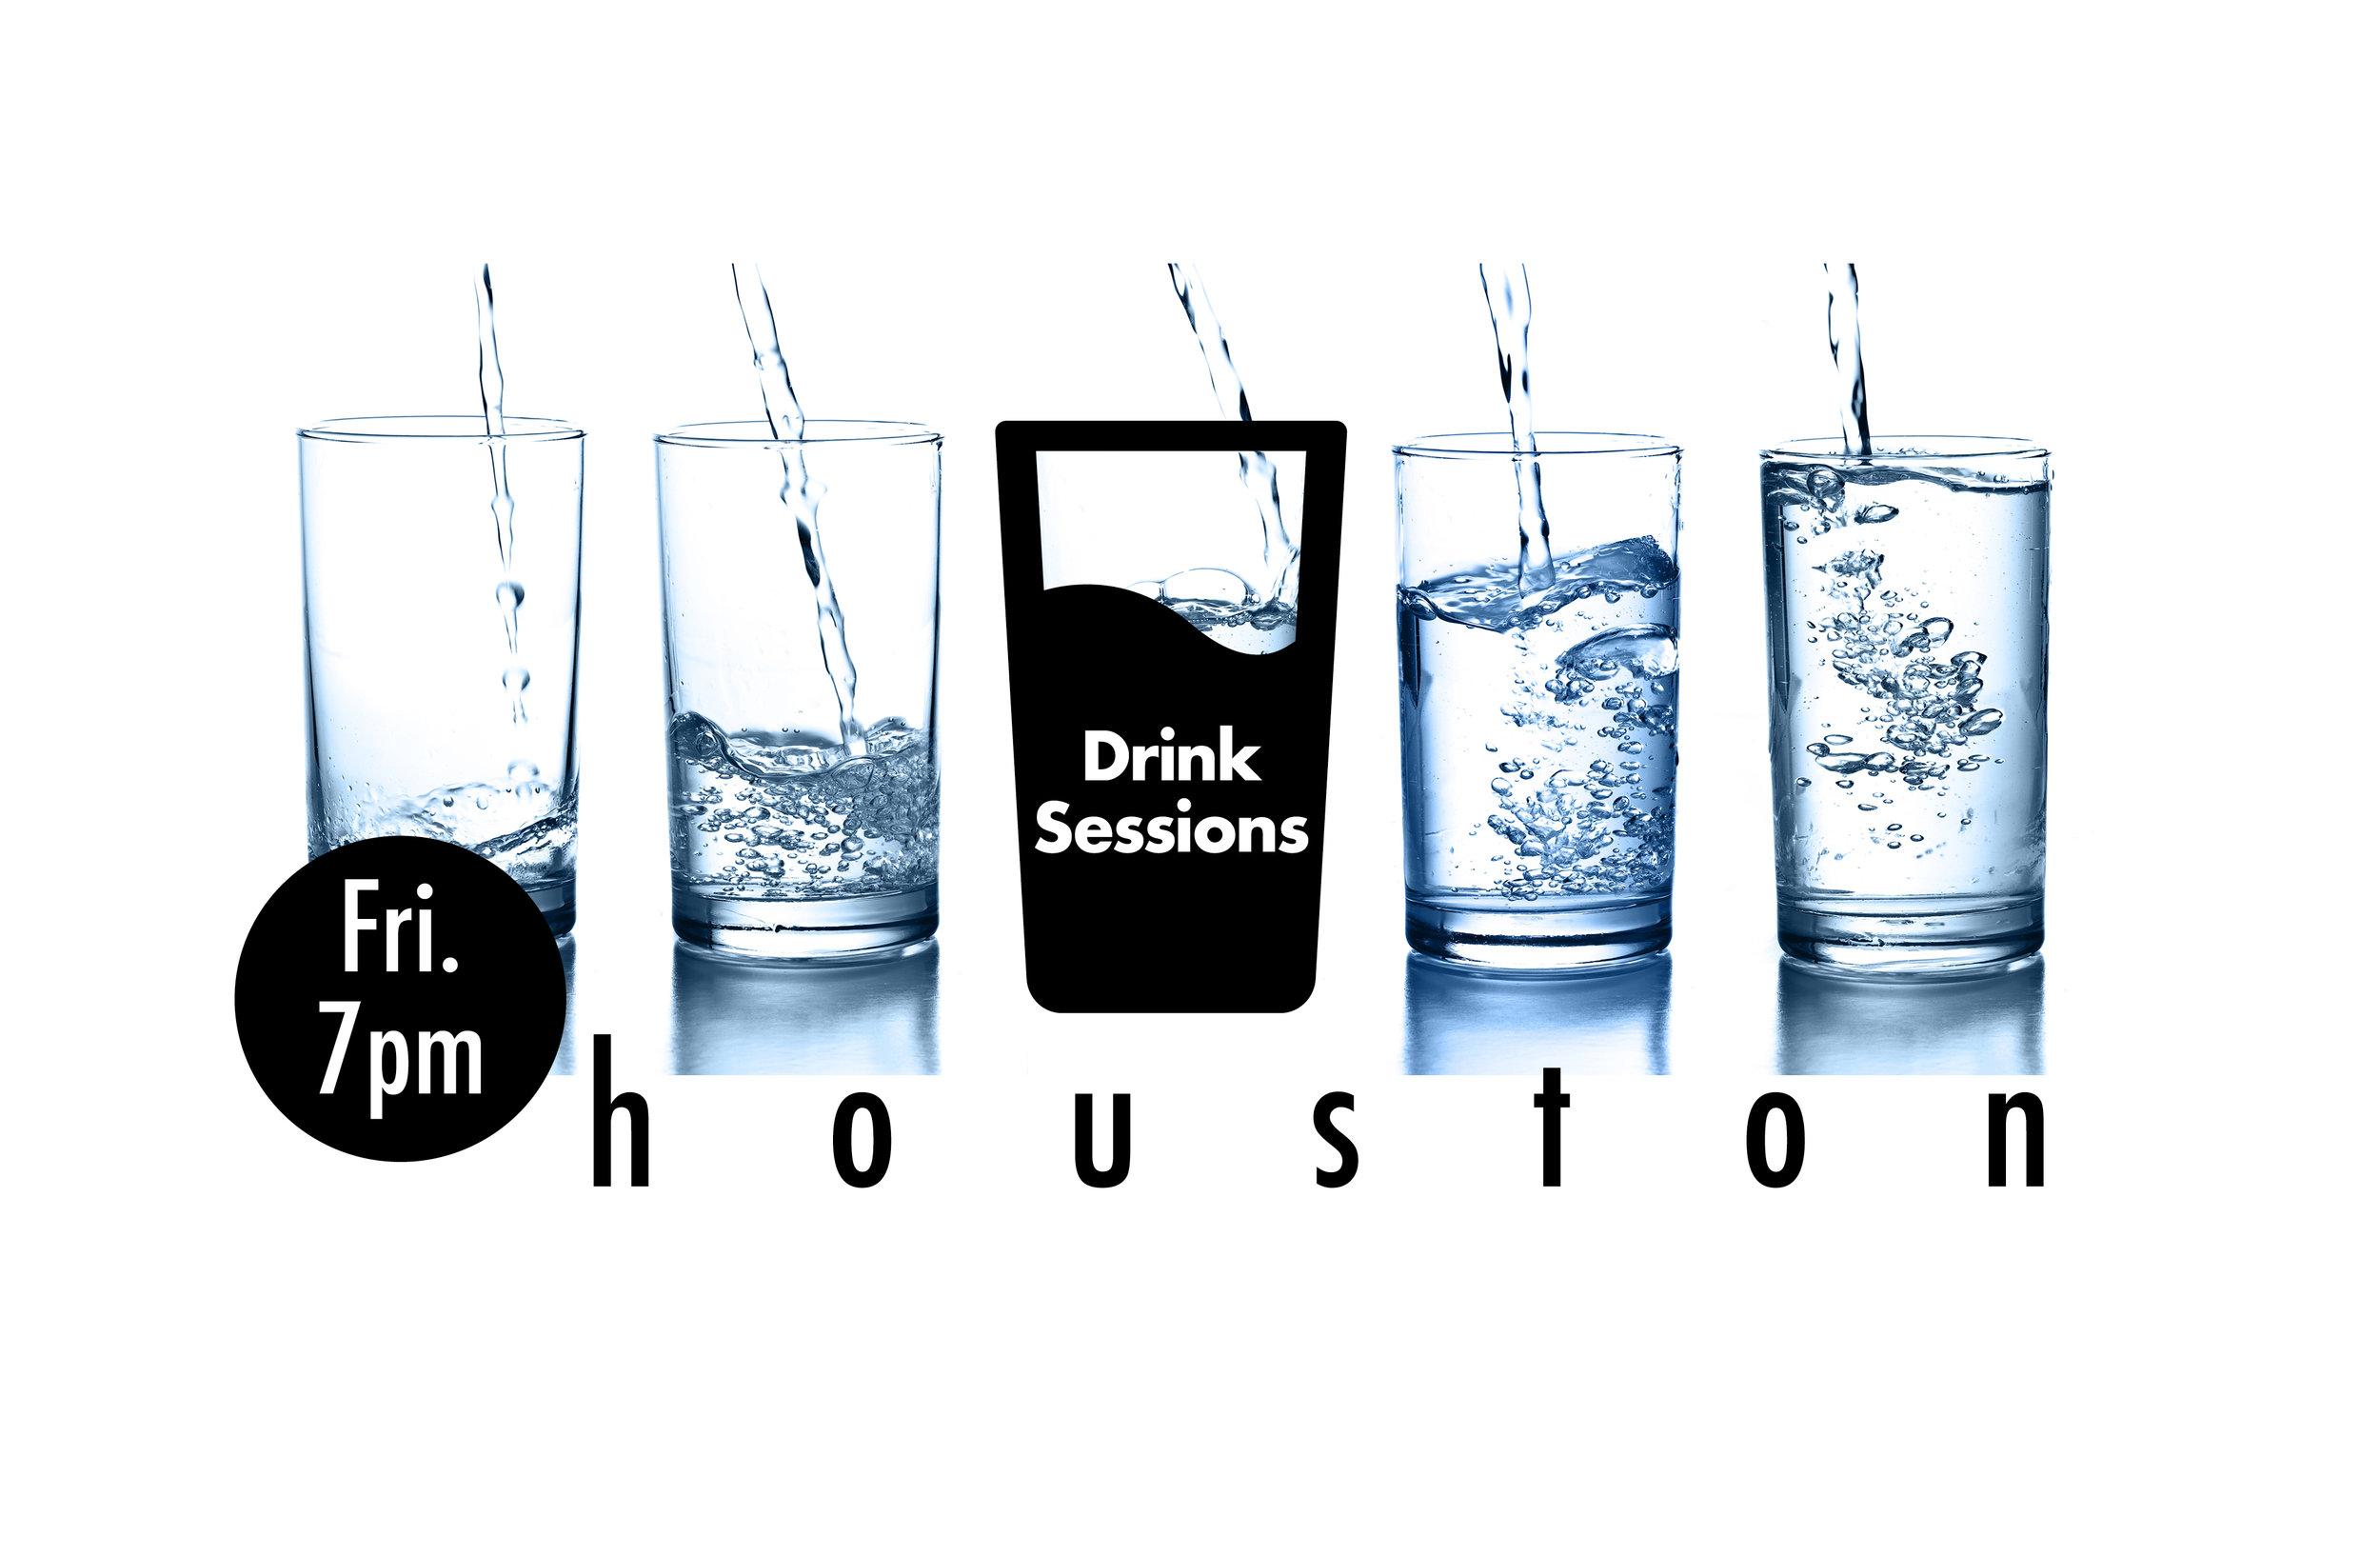 drink sessions slide show.jpg